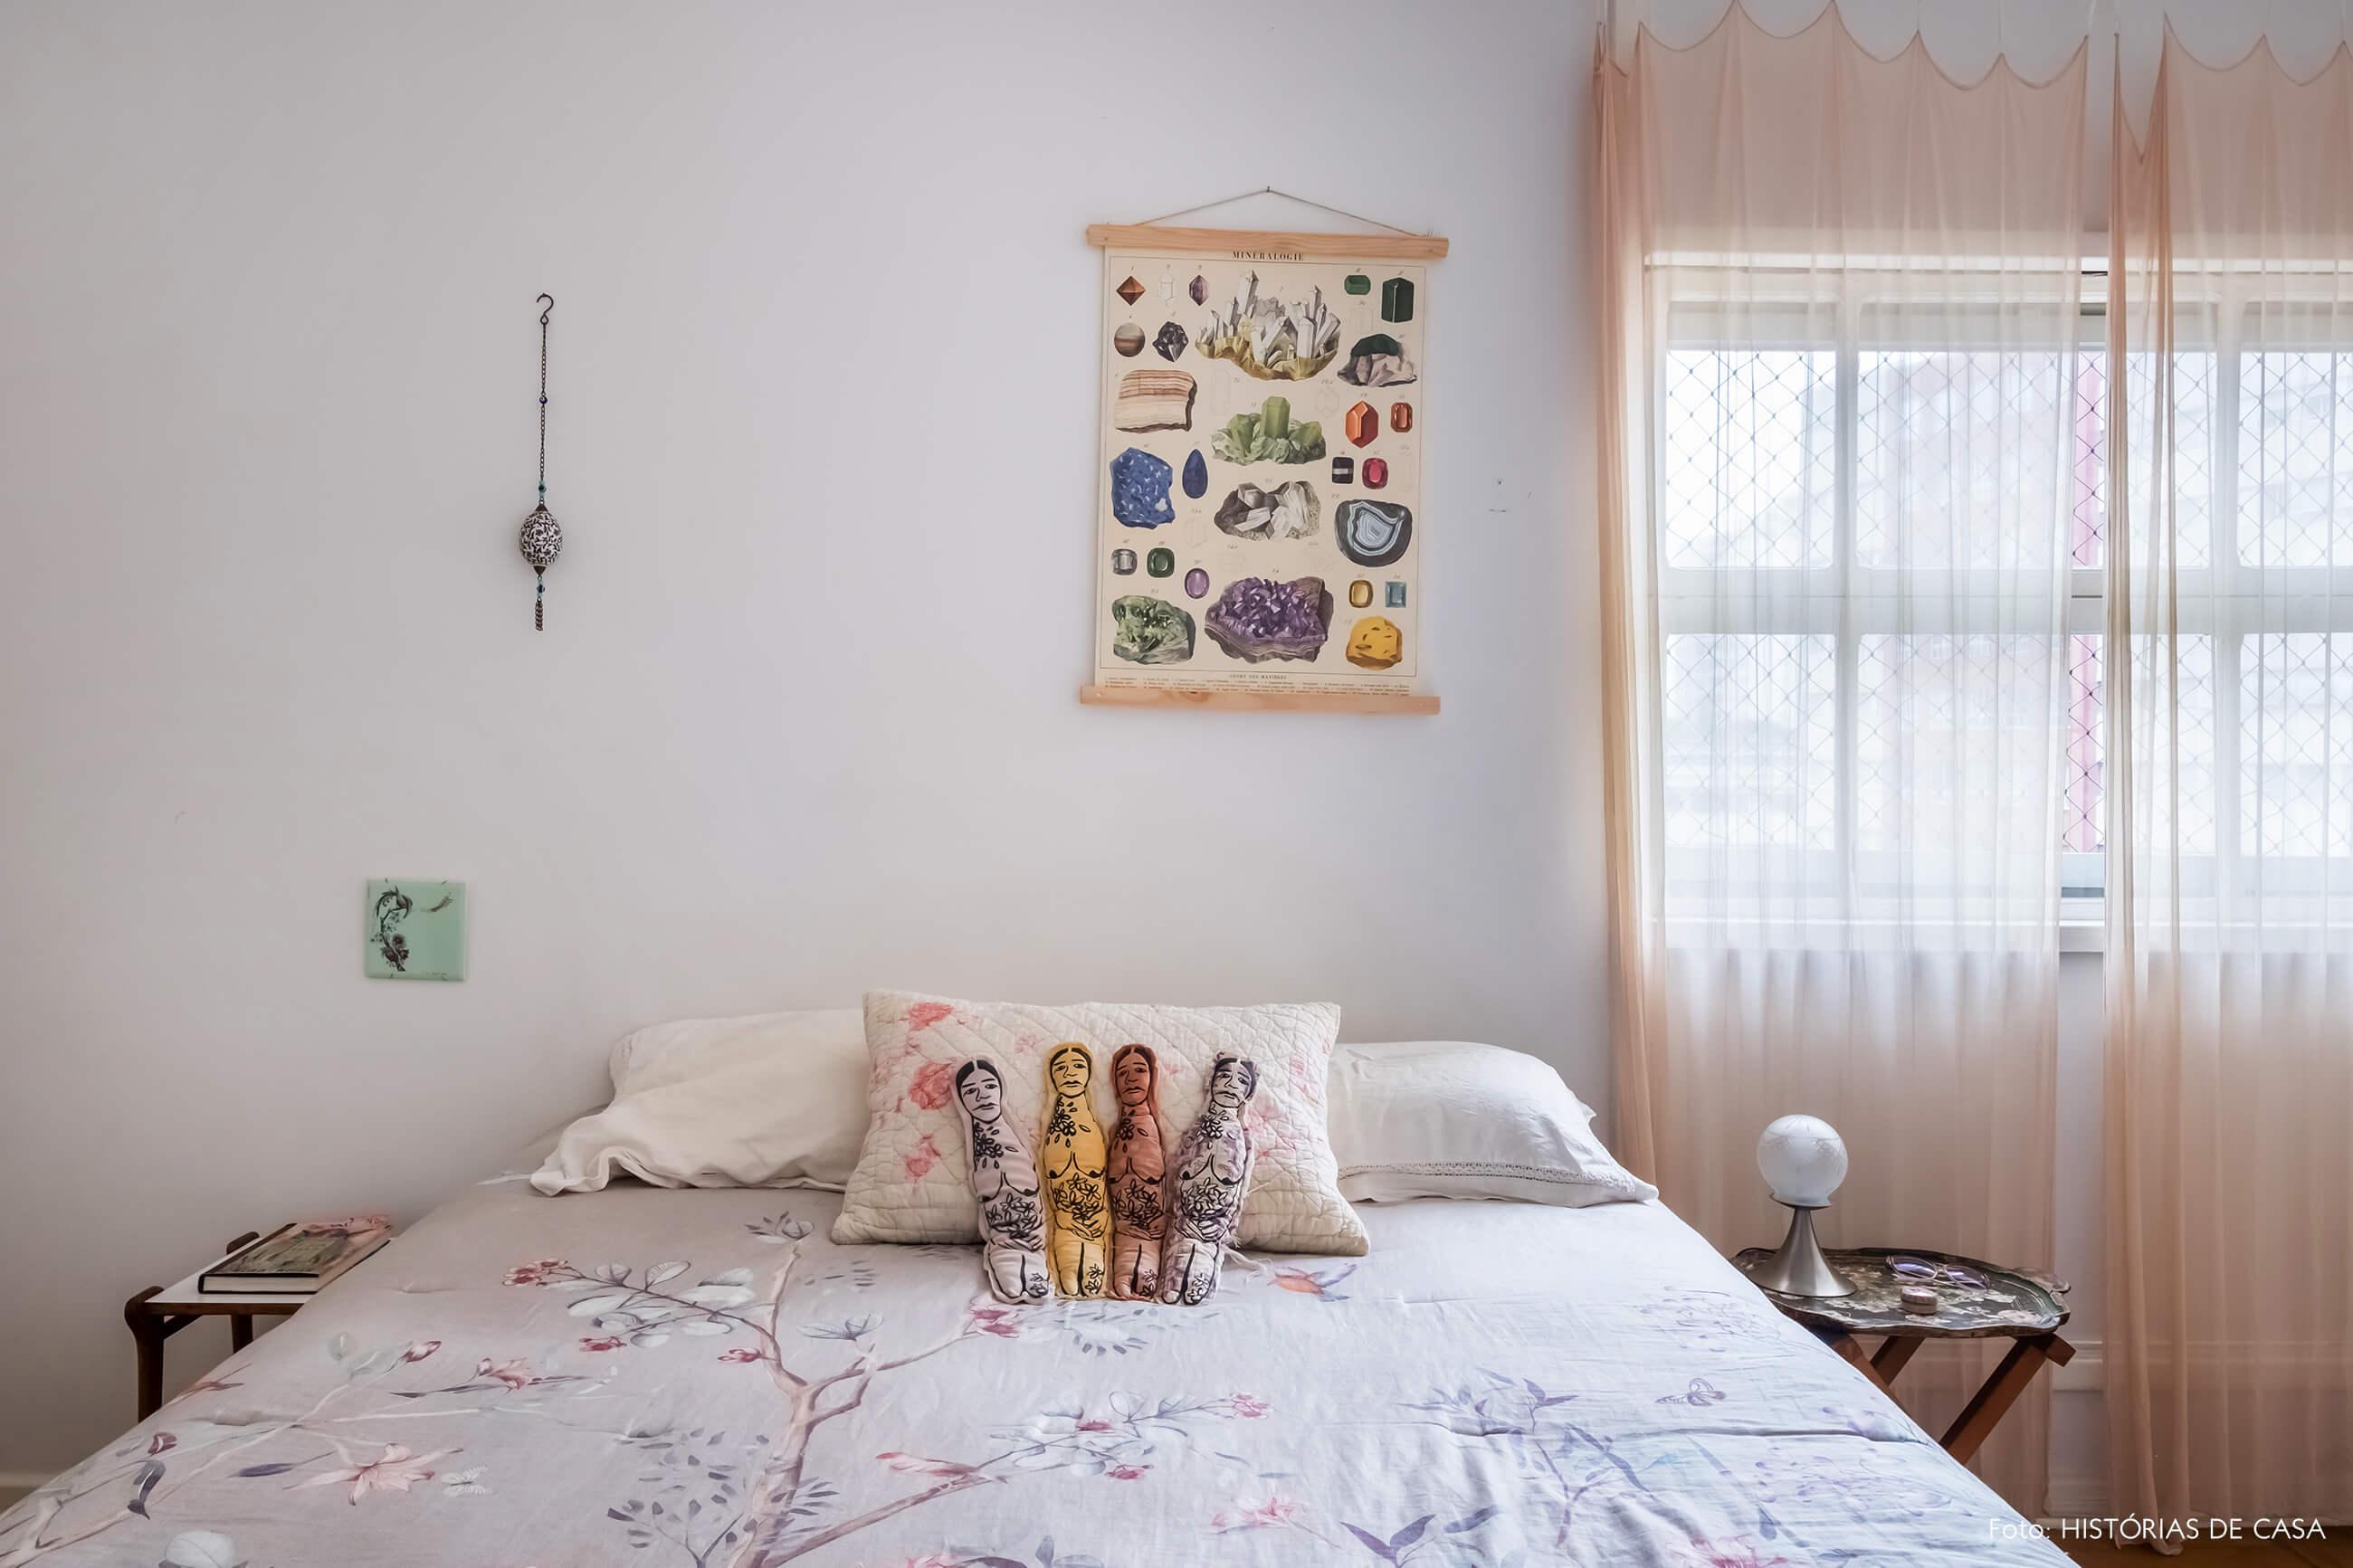 Quarto com decoração em tons neutros e cortina delicada